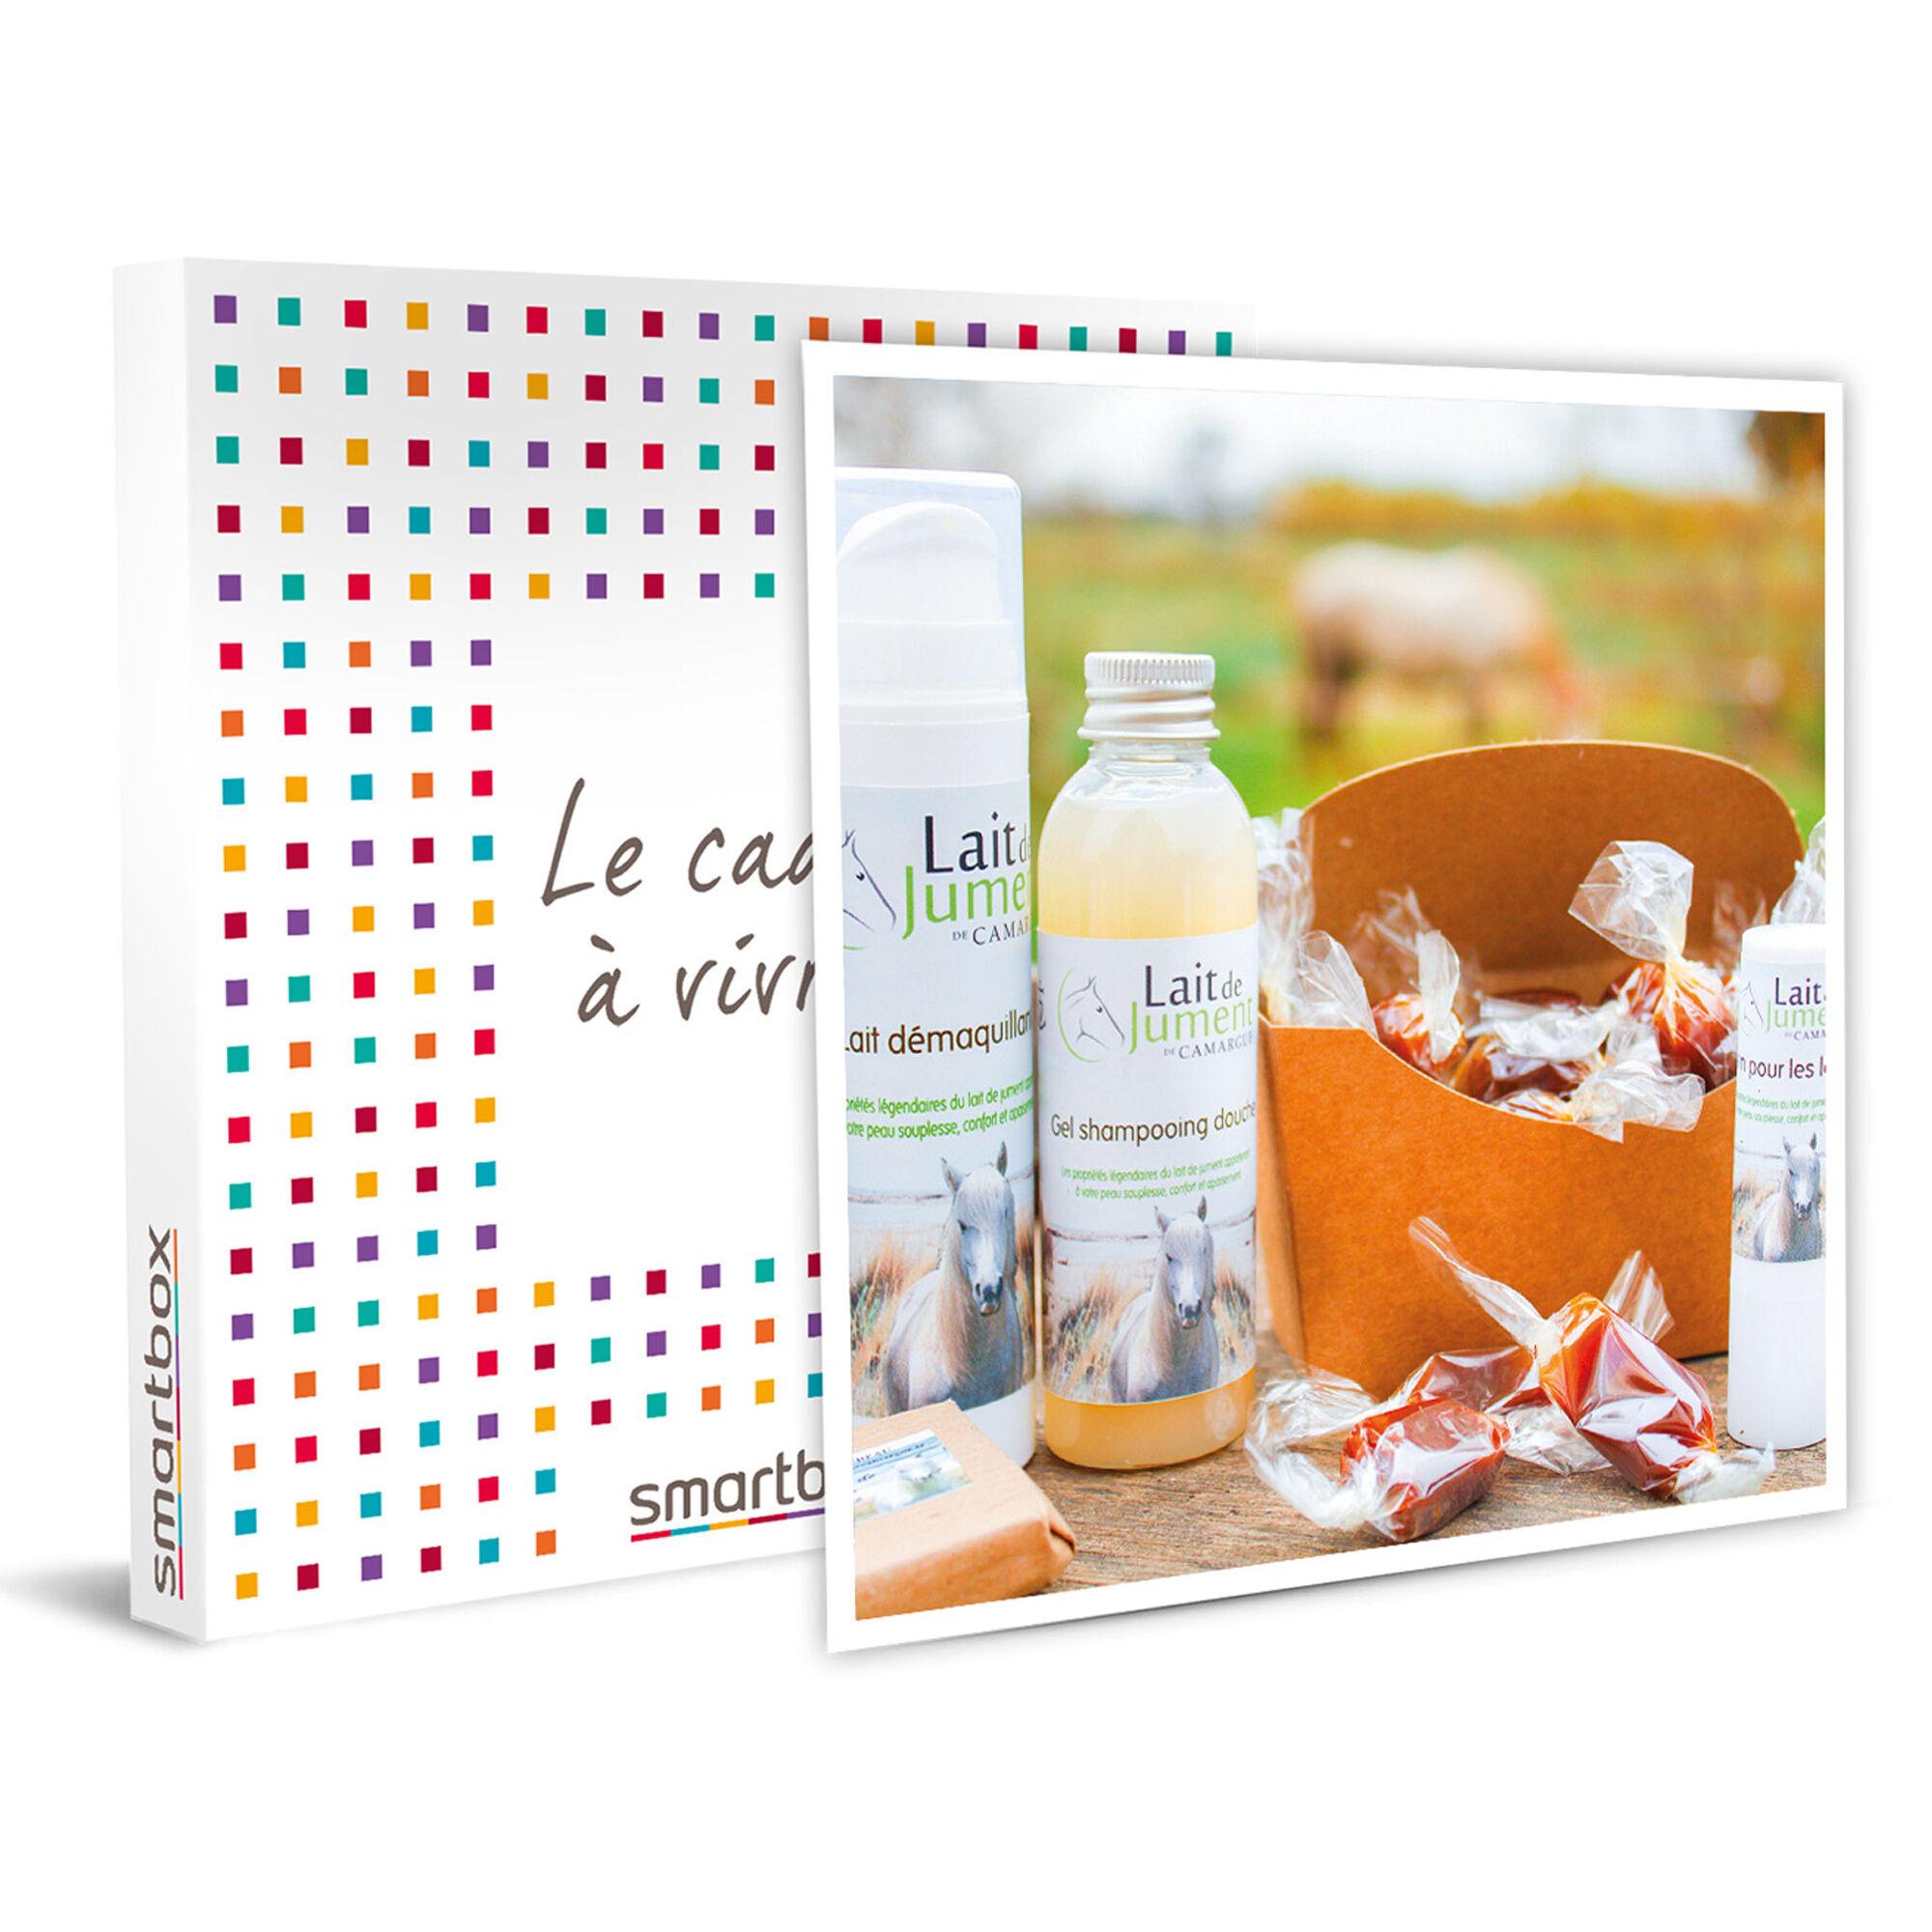 Smartbox 5 produits bio et naturels à base de lait de jument de Camargue Coffret cadeau Smartbox